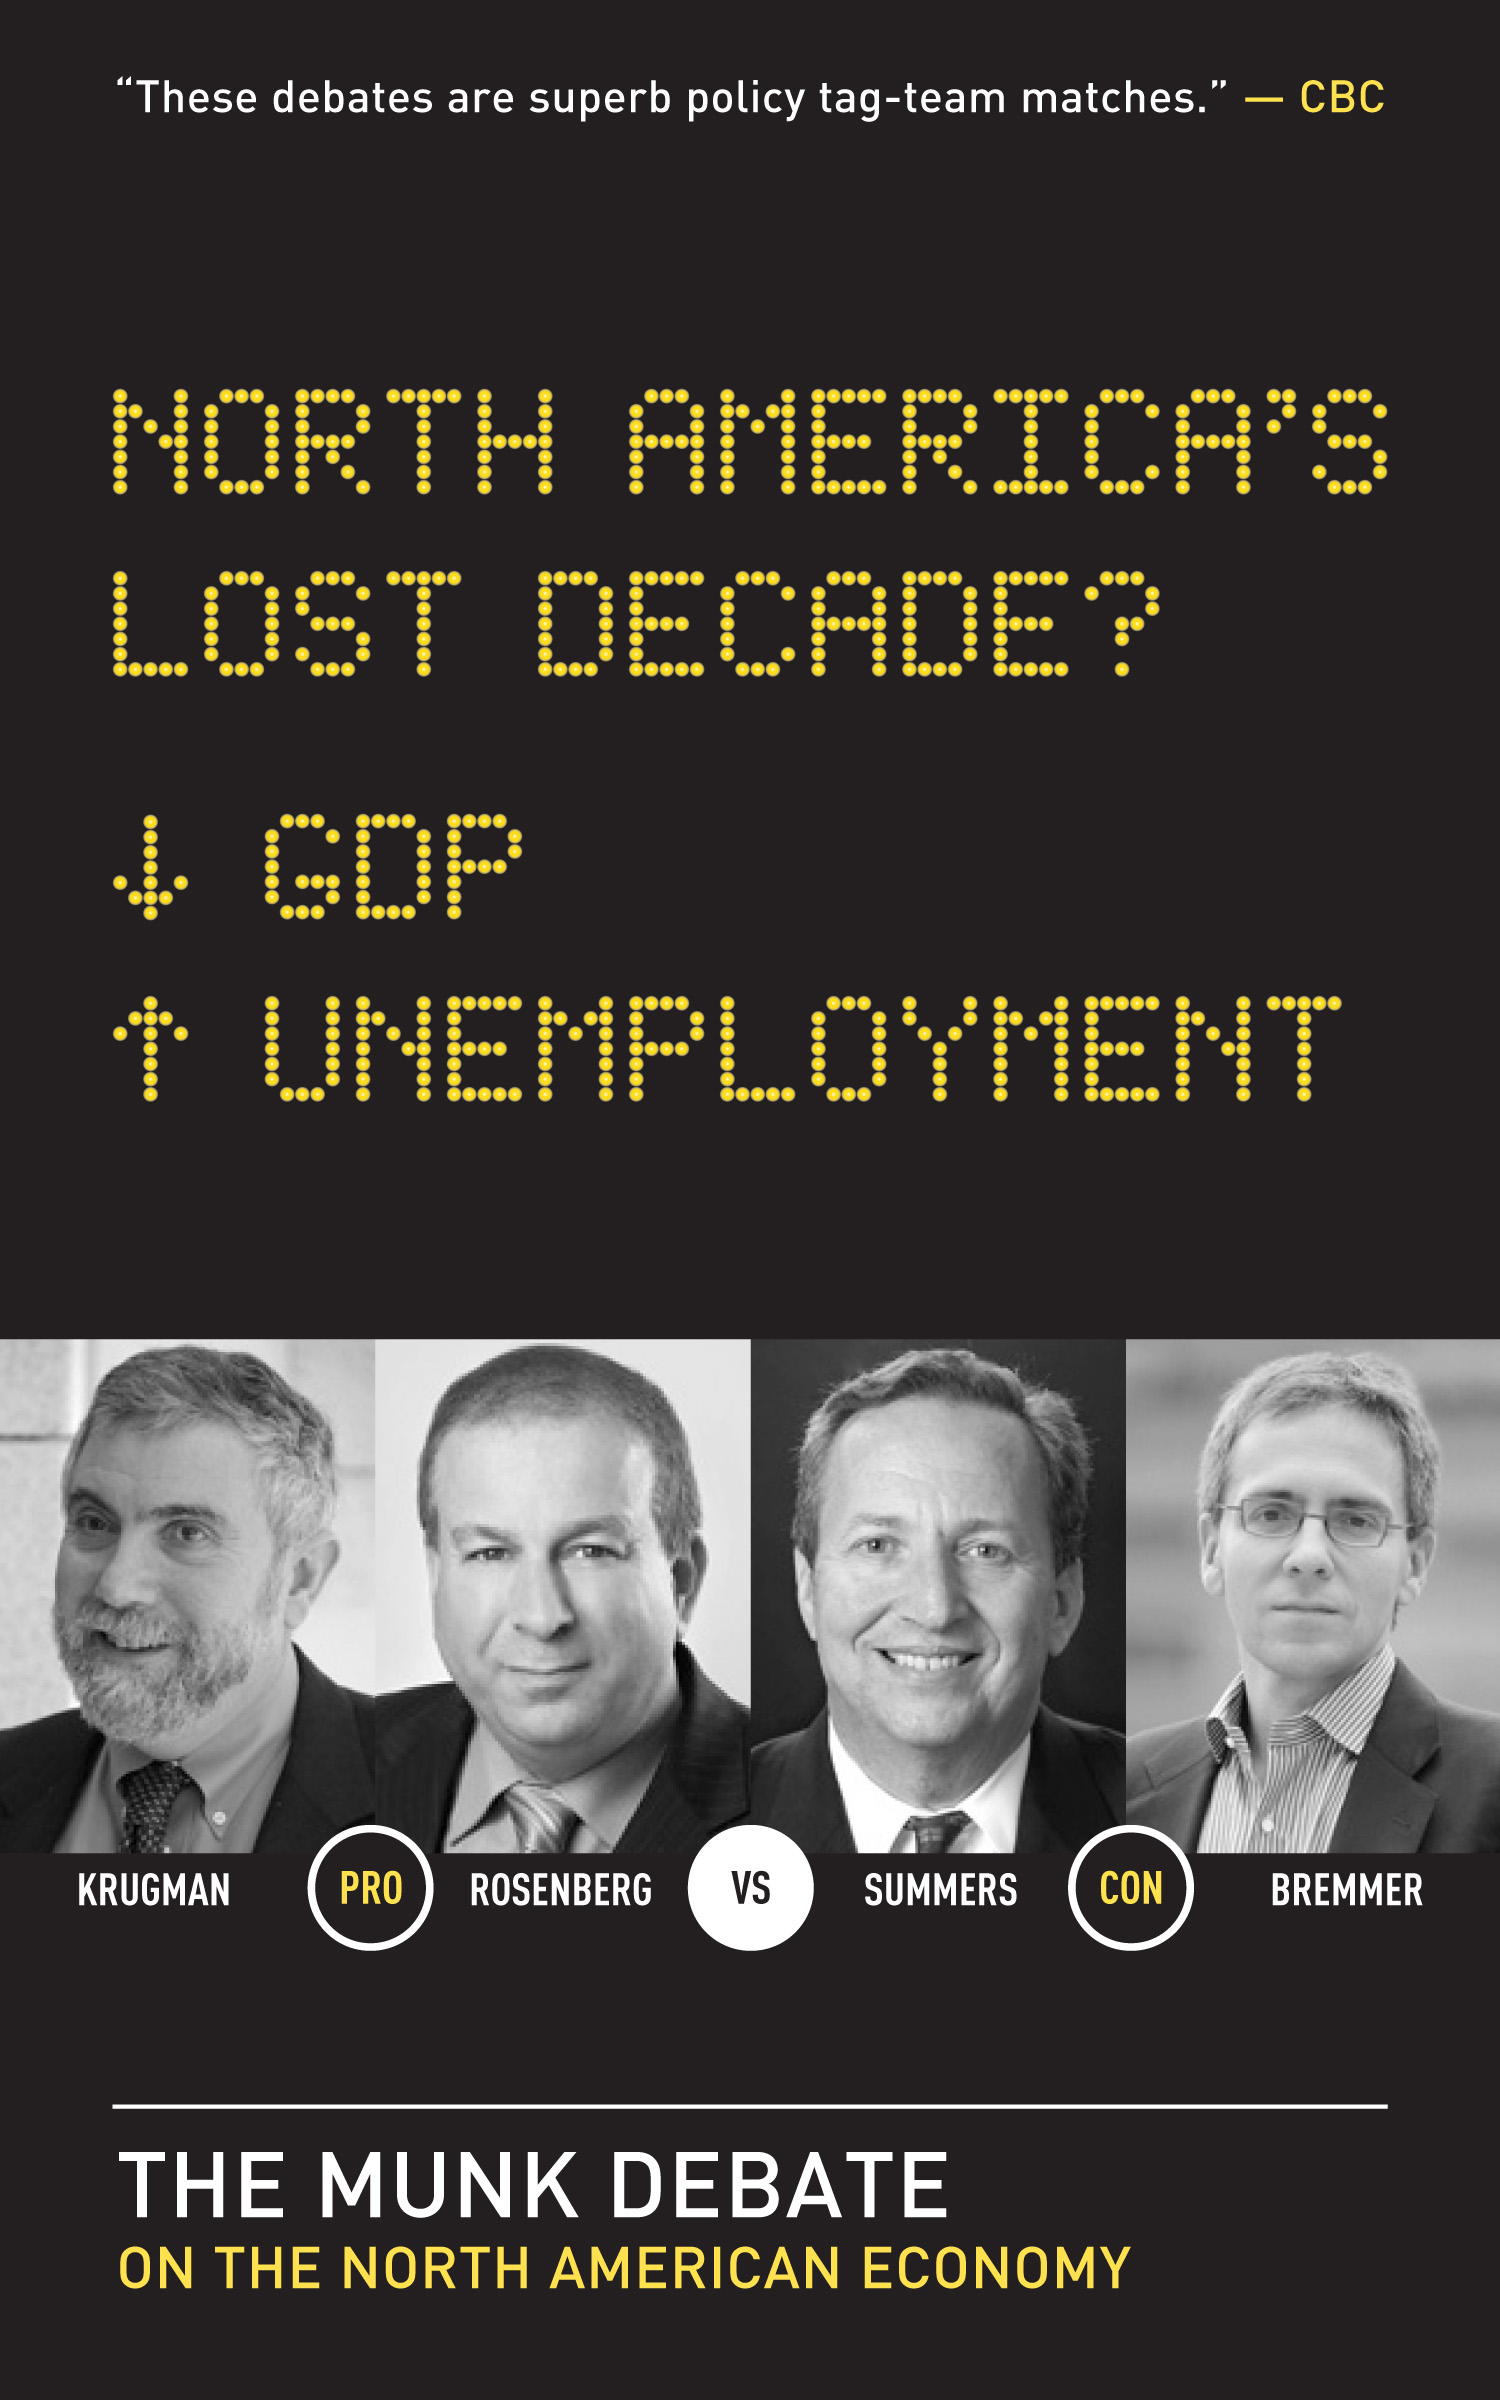 North America's Lost Decade?